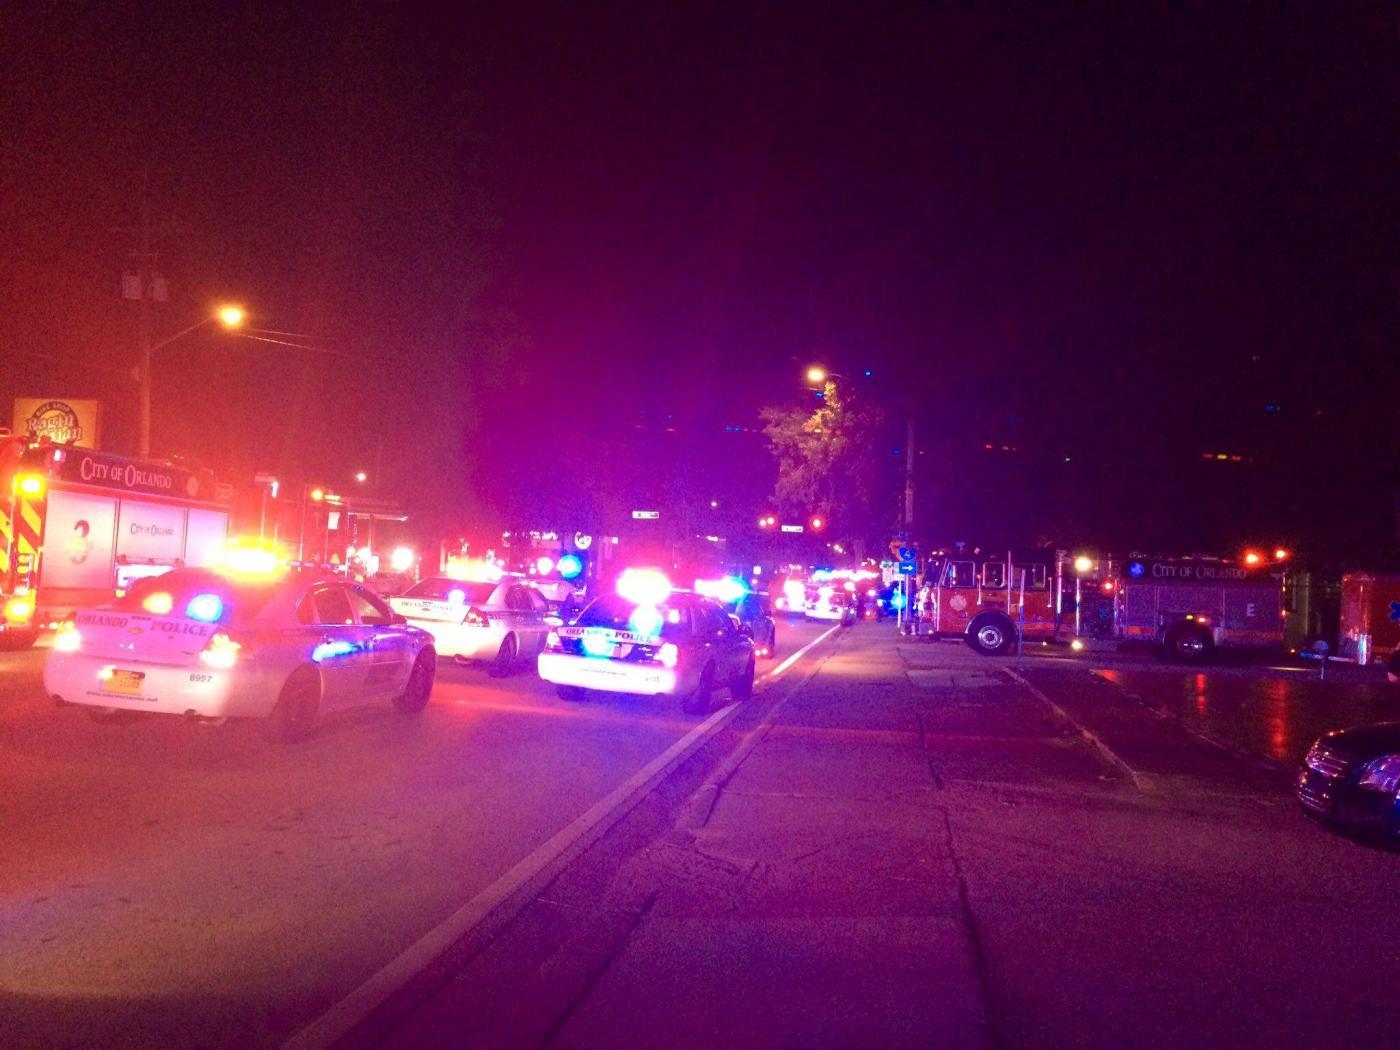 Strage di Orlando, identificate le 49 vittime. Obama: 'Atto di terrorismo interno'